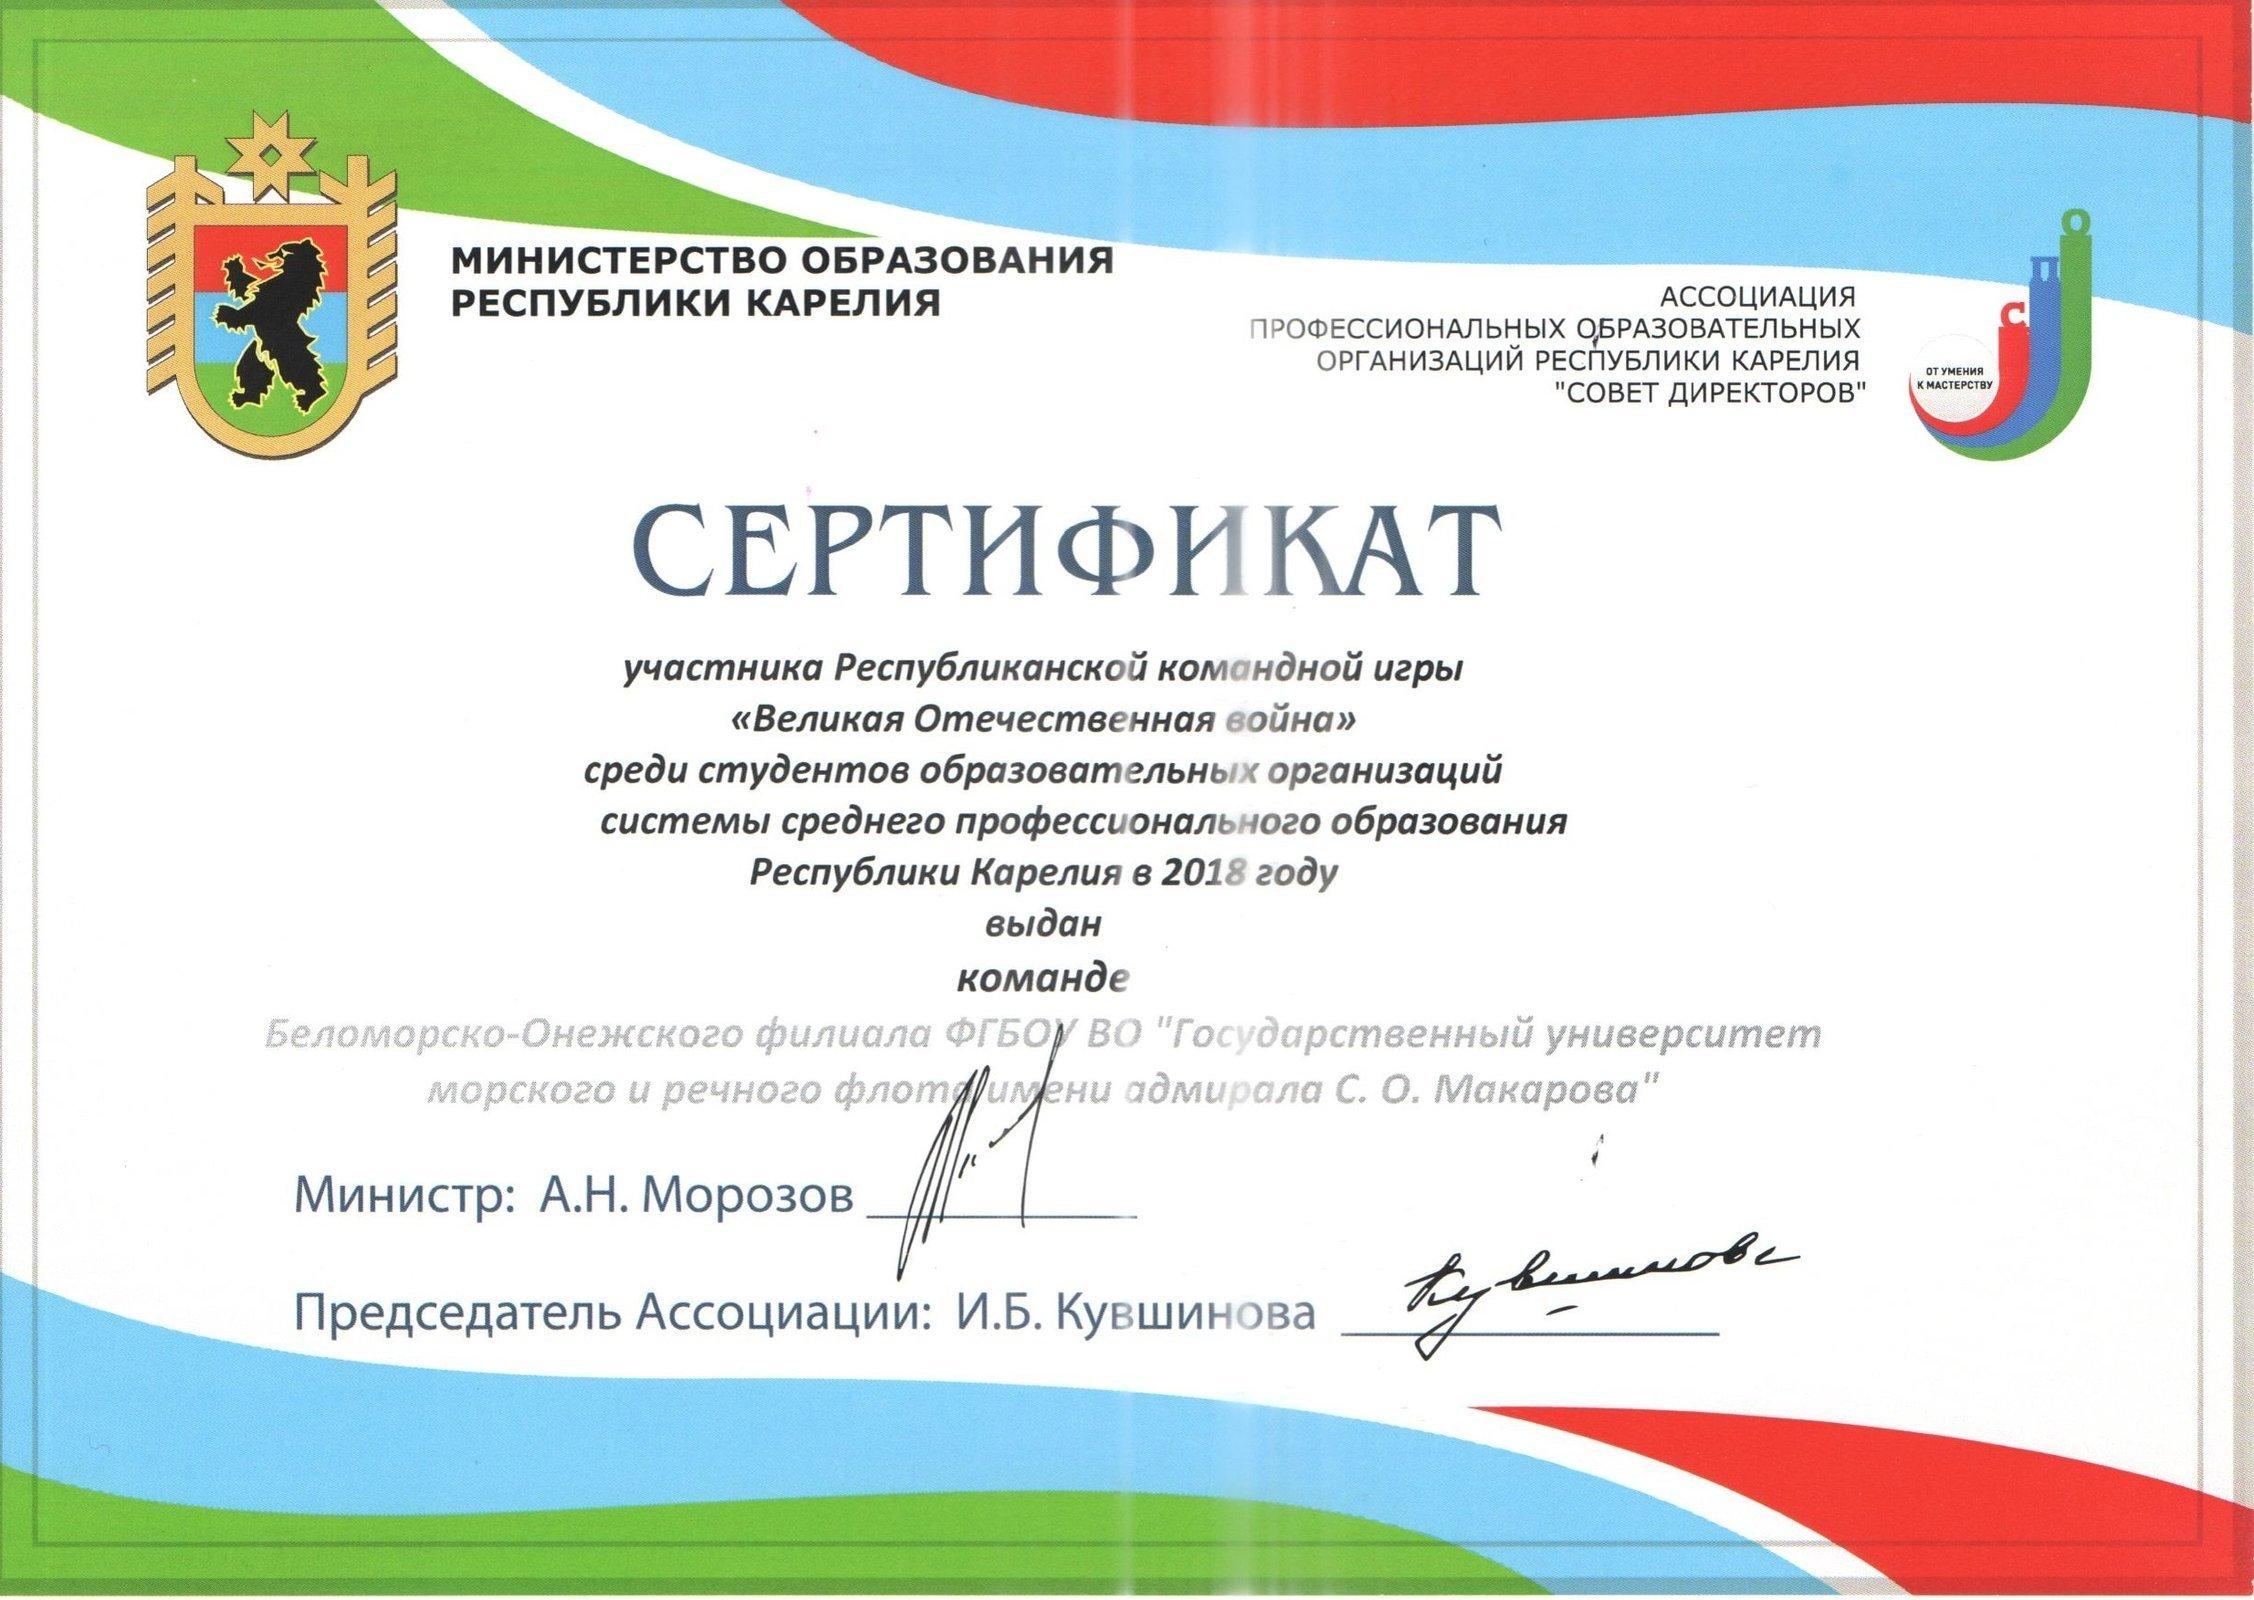 Сертификат участника Республиканской командной игры